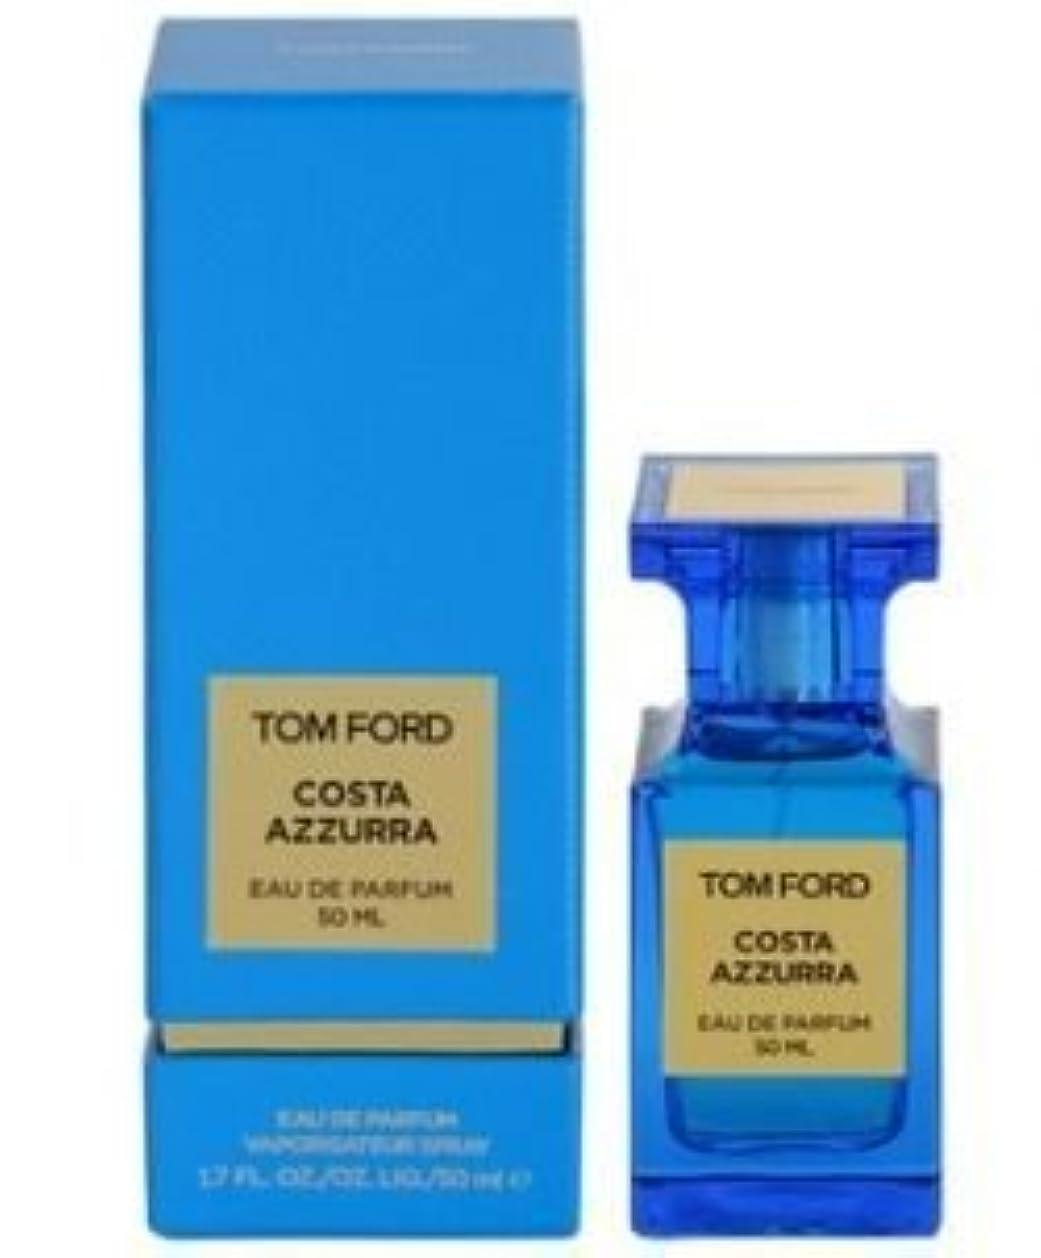 トムフォード(TOM FORD) コスタ アジューラ オード パルファム 50ml メンズ/レディース[並行輸入品]